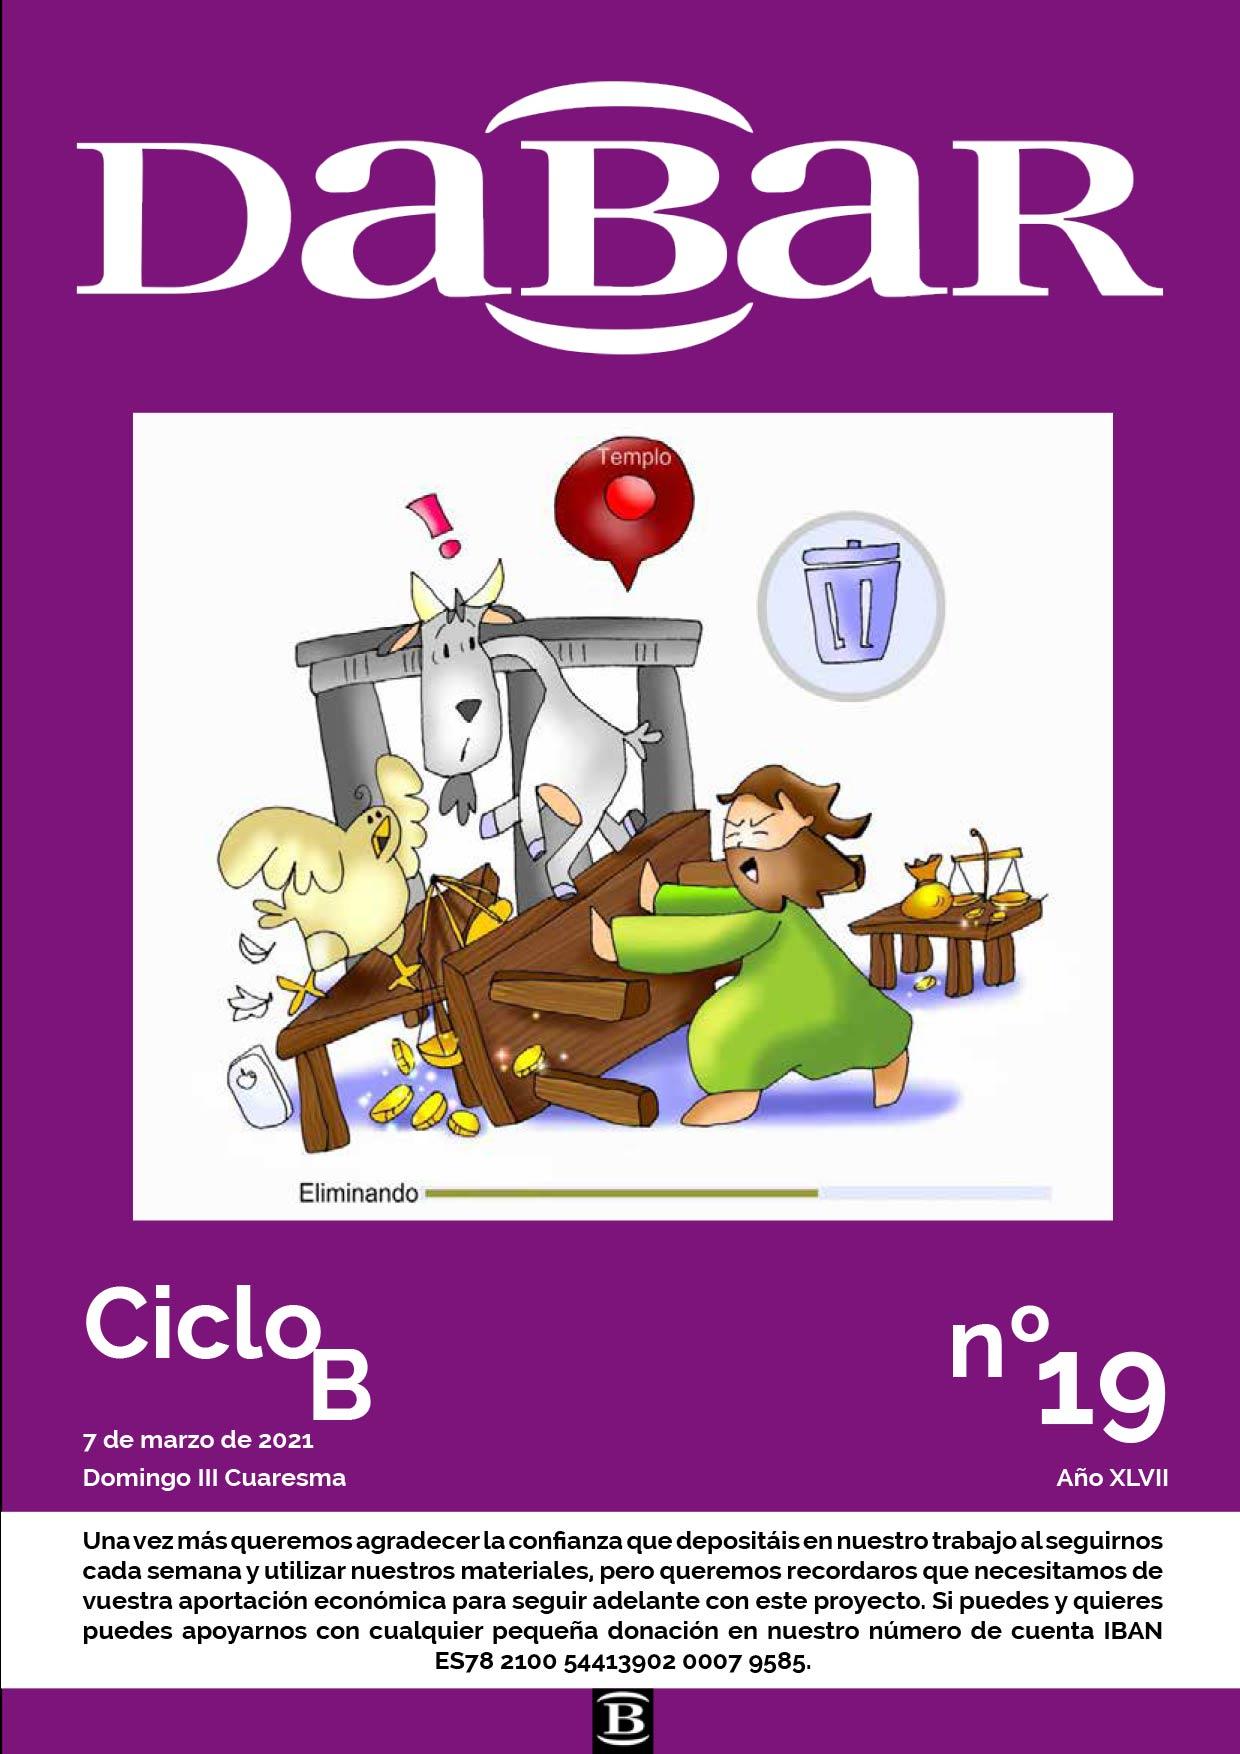 Dabar Revista número 19 ciclo B